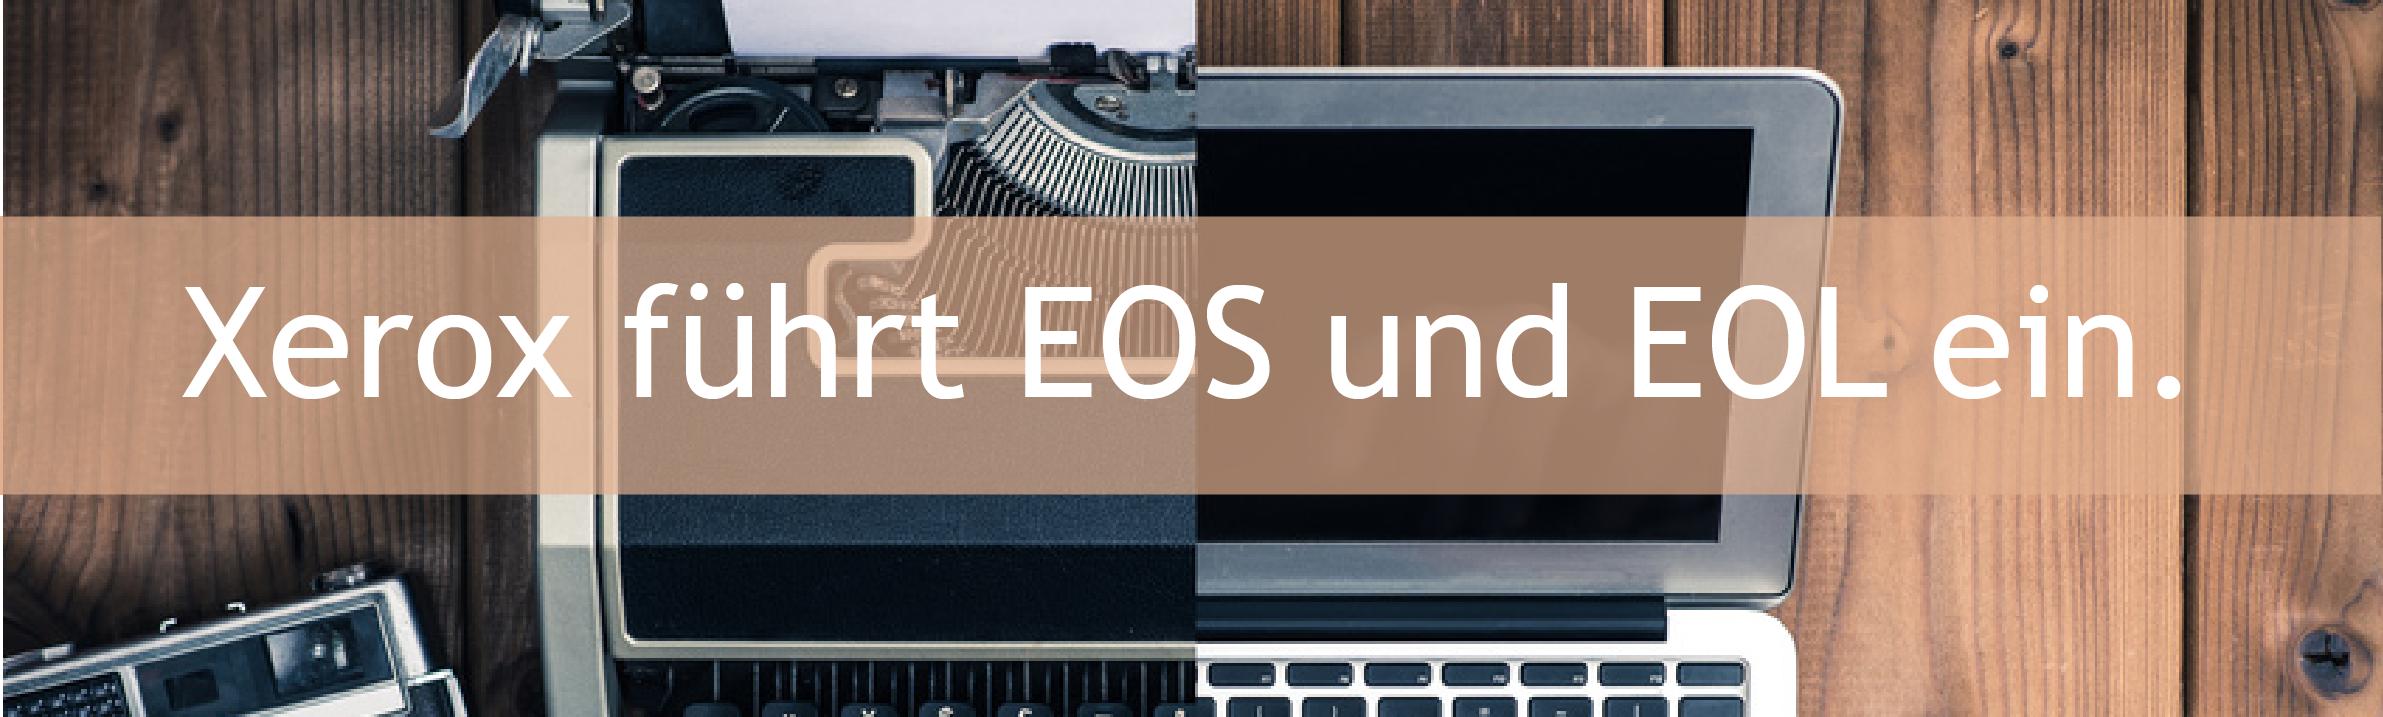 Was sind EOS und EOL von Xerox?